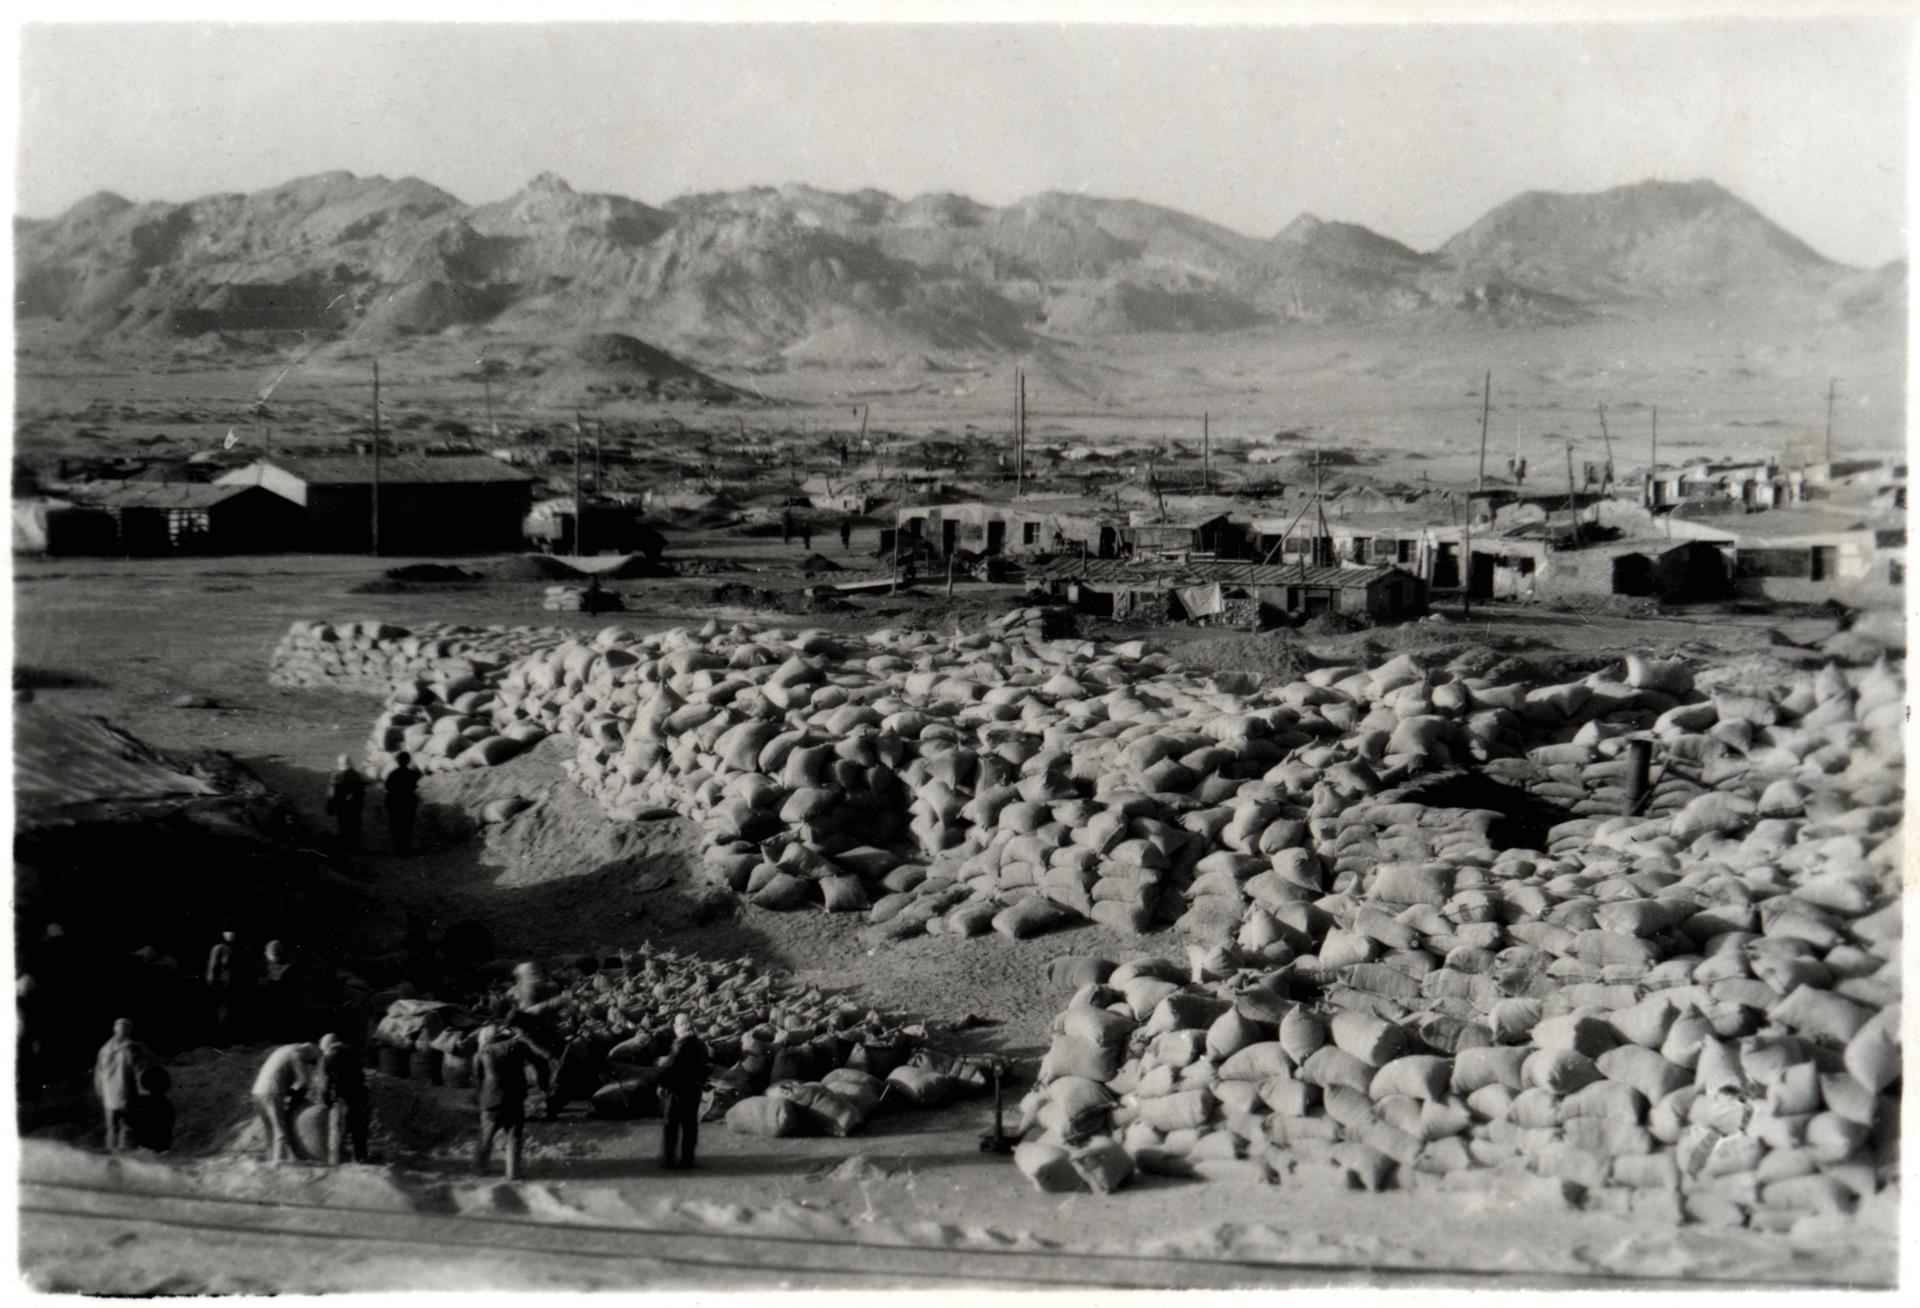 歷史照片(選礦生產)—上世紀60年代選礦生產場景